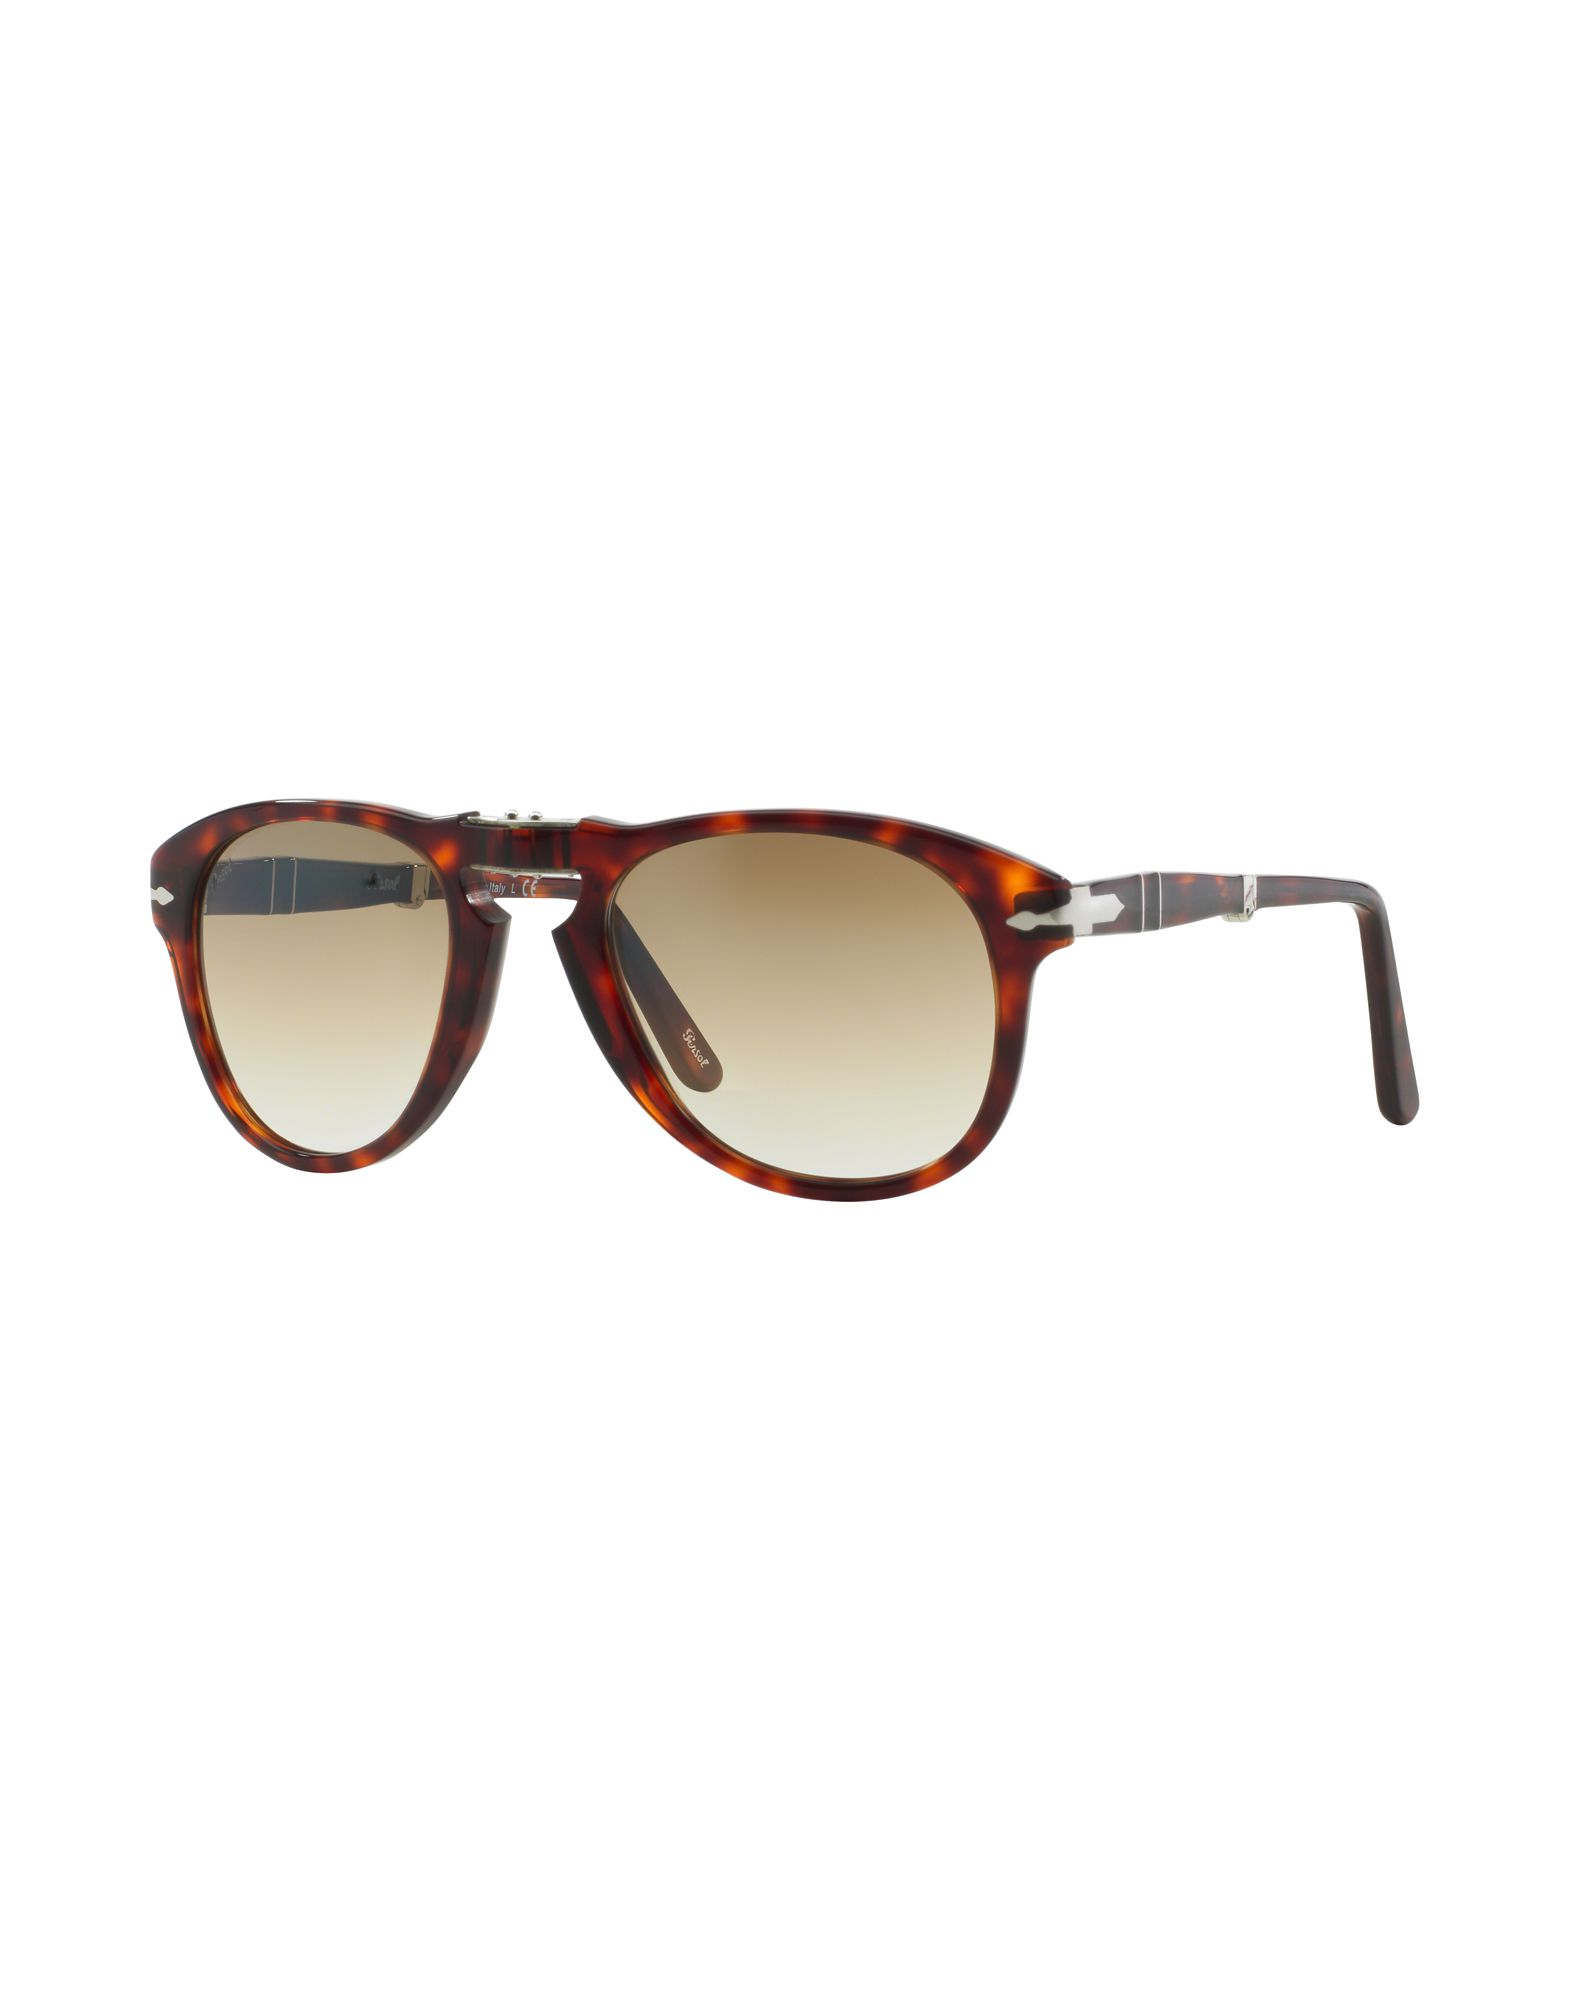 PERSOL Herren Sonnenbrille Farbe Dunkelbraun Größe 15